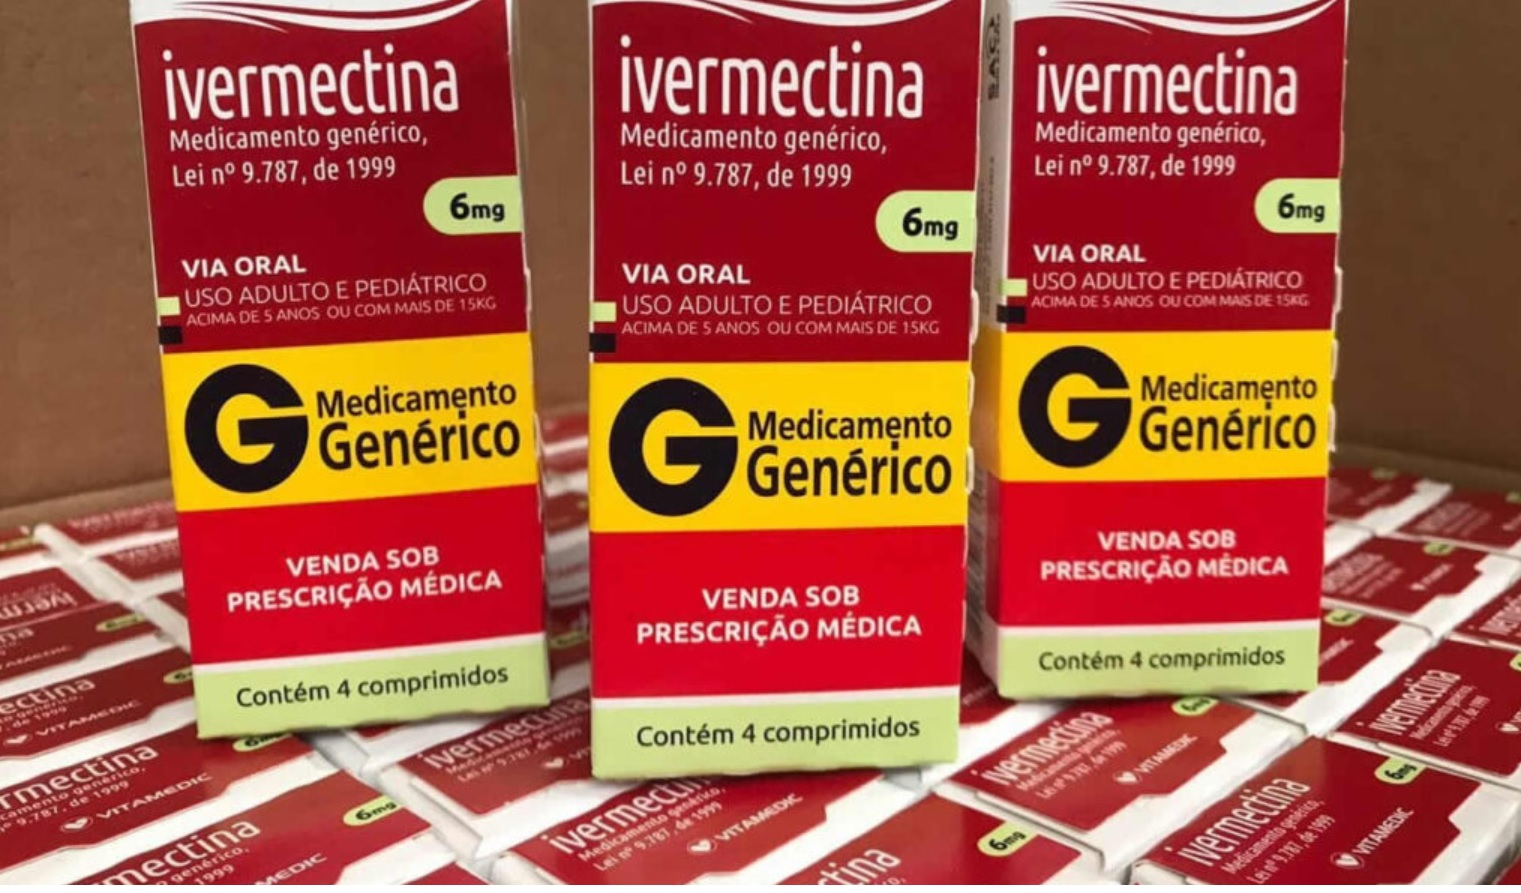 ivermectina covid-19